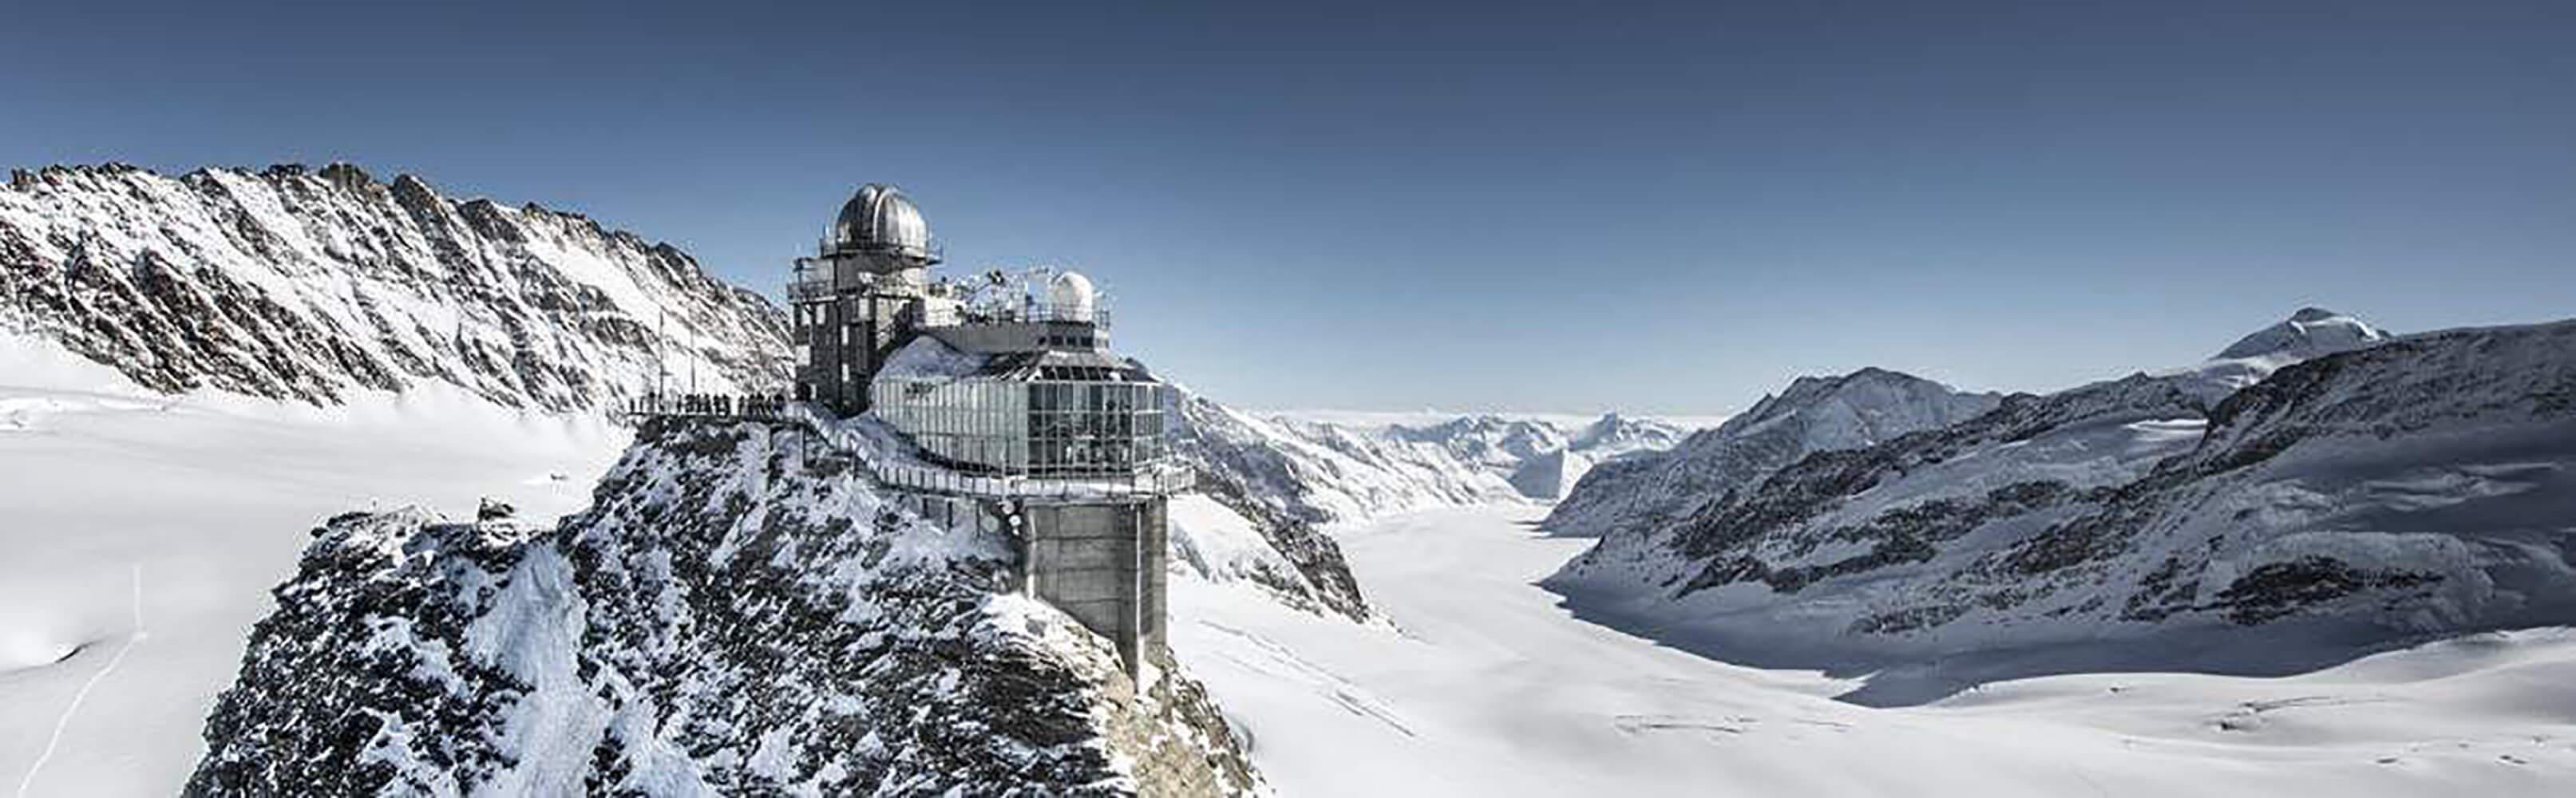 Sphinx Aussichtsterrasse, Jungfraujoch – Top of Europe 1